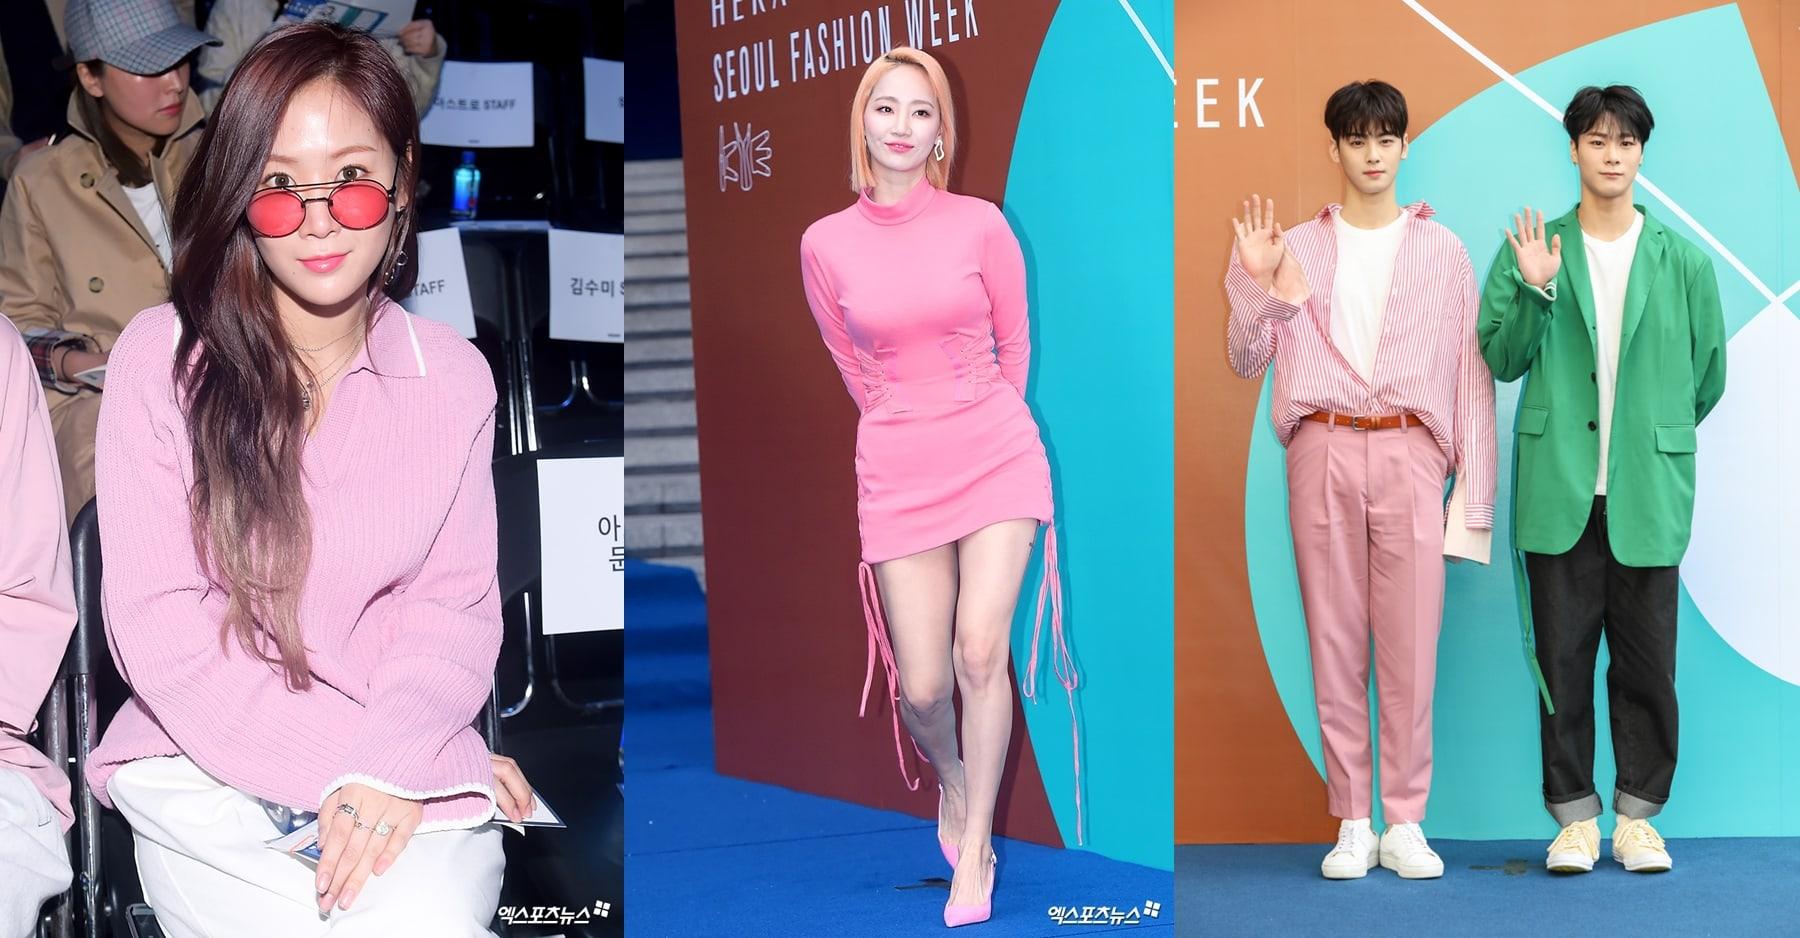 Xu hướng thời trang được các sao lăng xê trong Hera Seoul Fashion Week 2018 là gì?